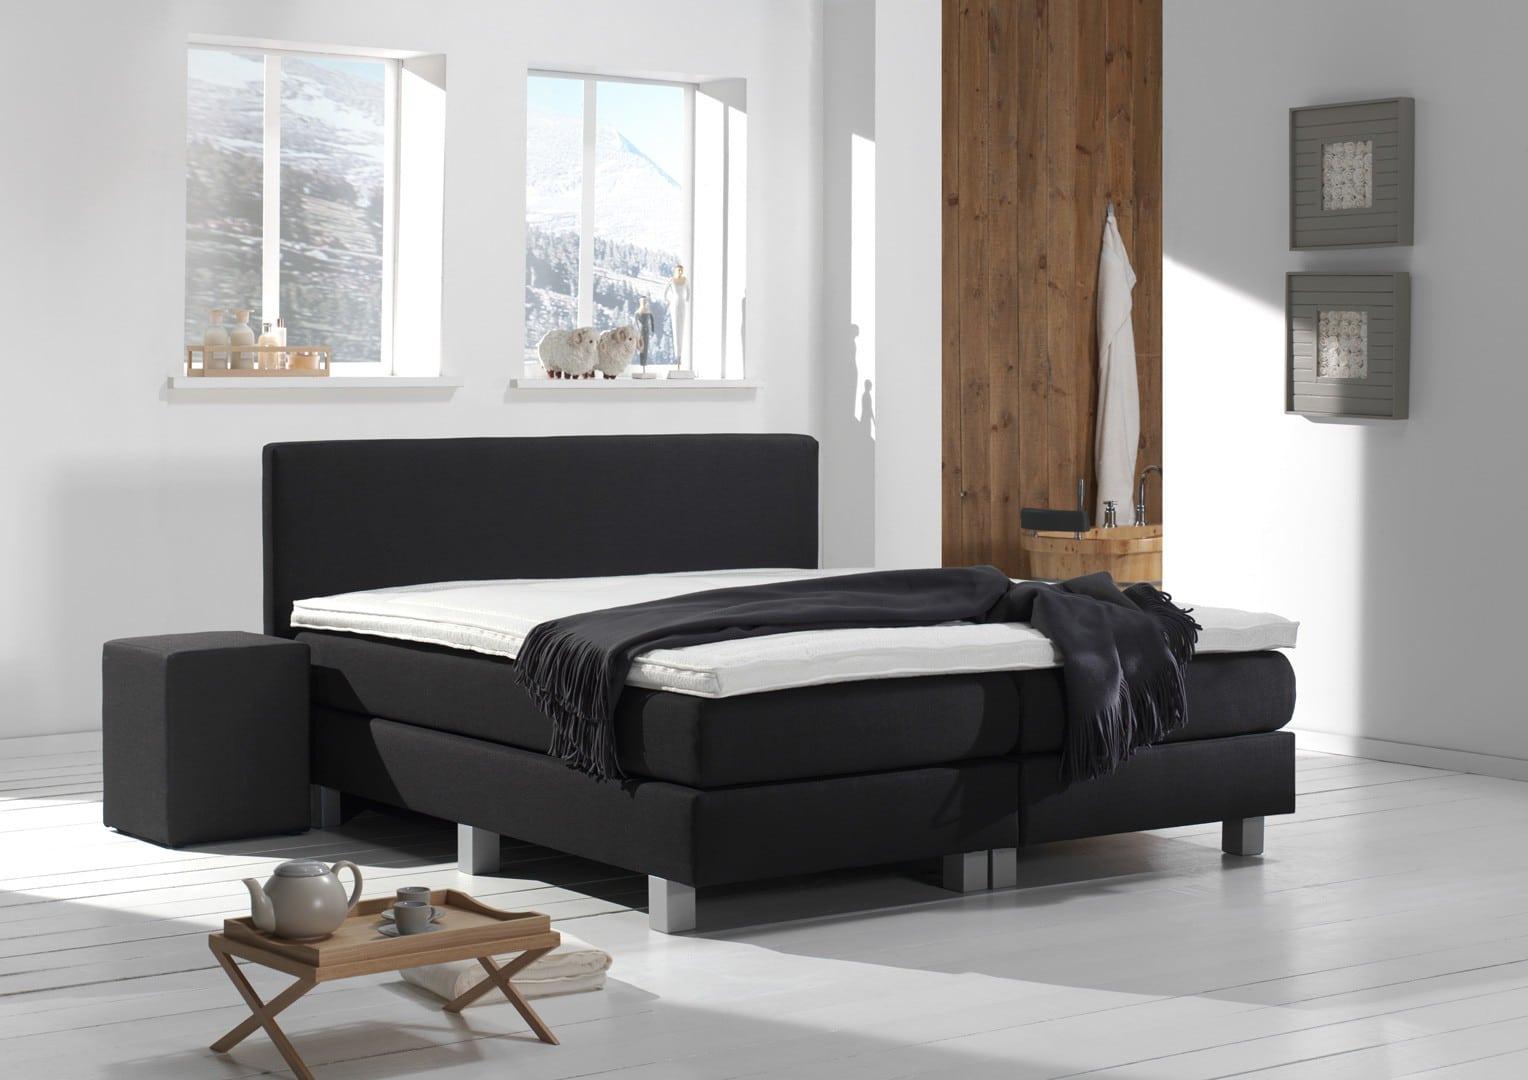 comment bien choisir son matelas blog matelpro. Black Bedroom Furniture Sets. Home Design Ideas